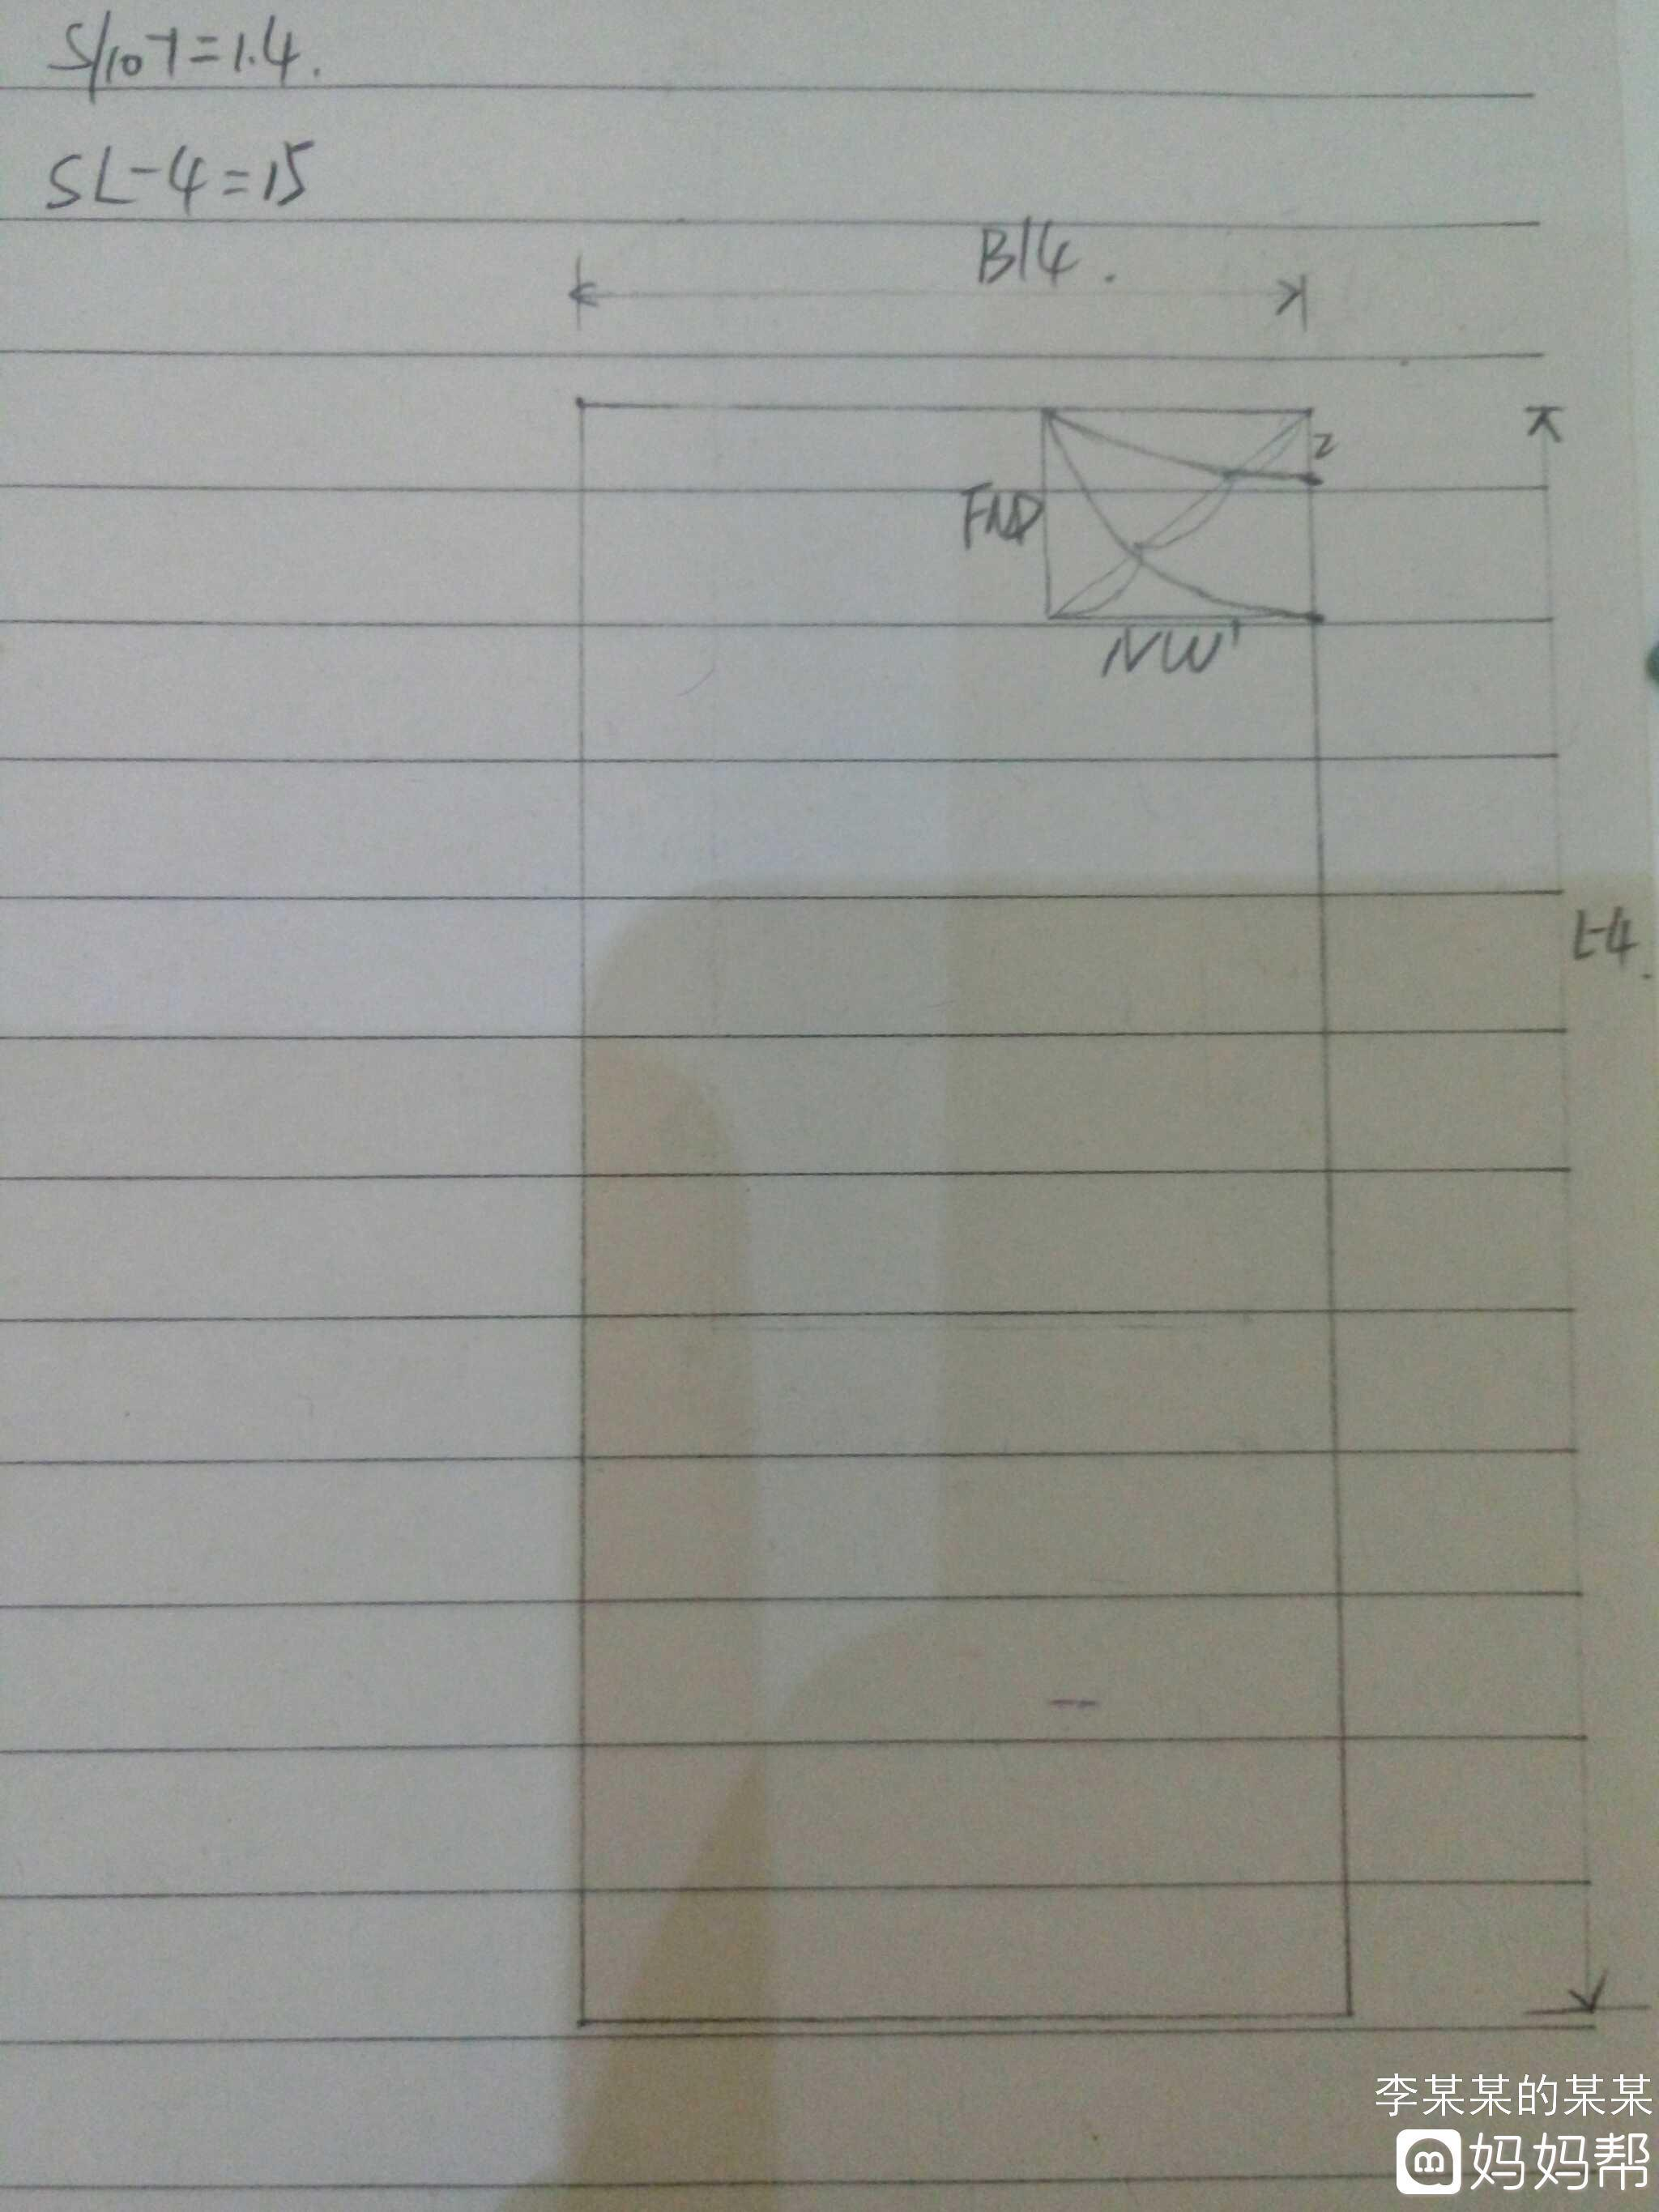 5)画出肩宽,然后根据核算数据按图示顺序如图开始画出袖子部分.-